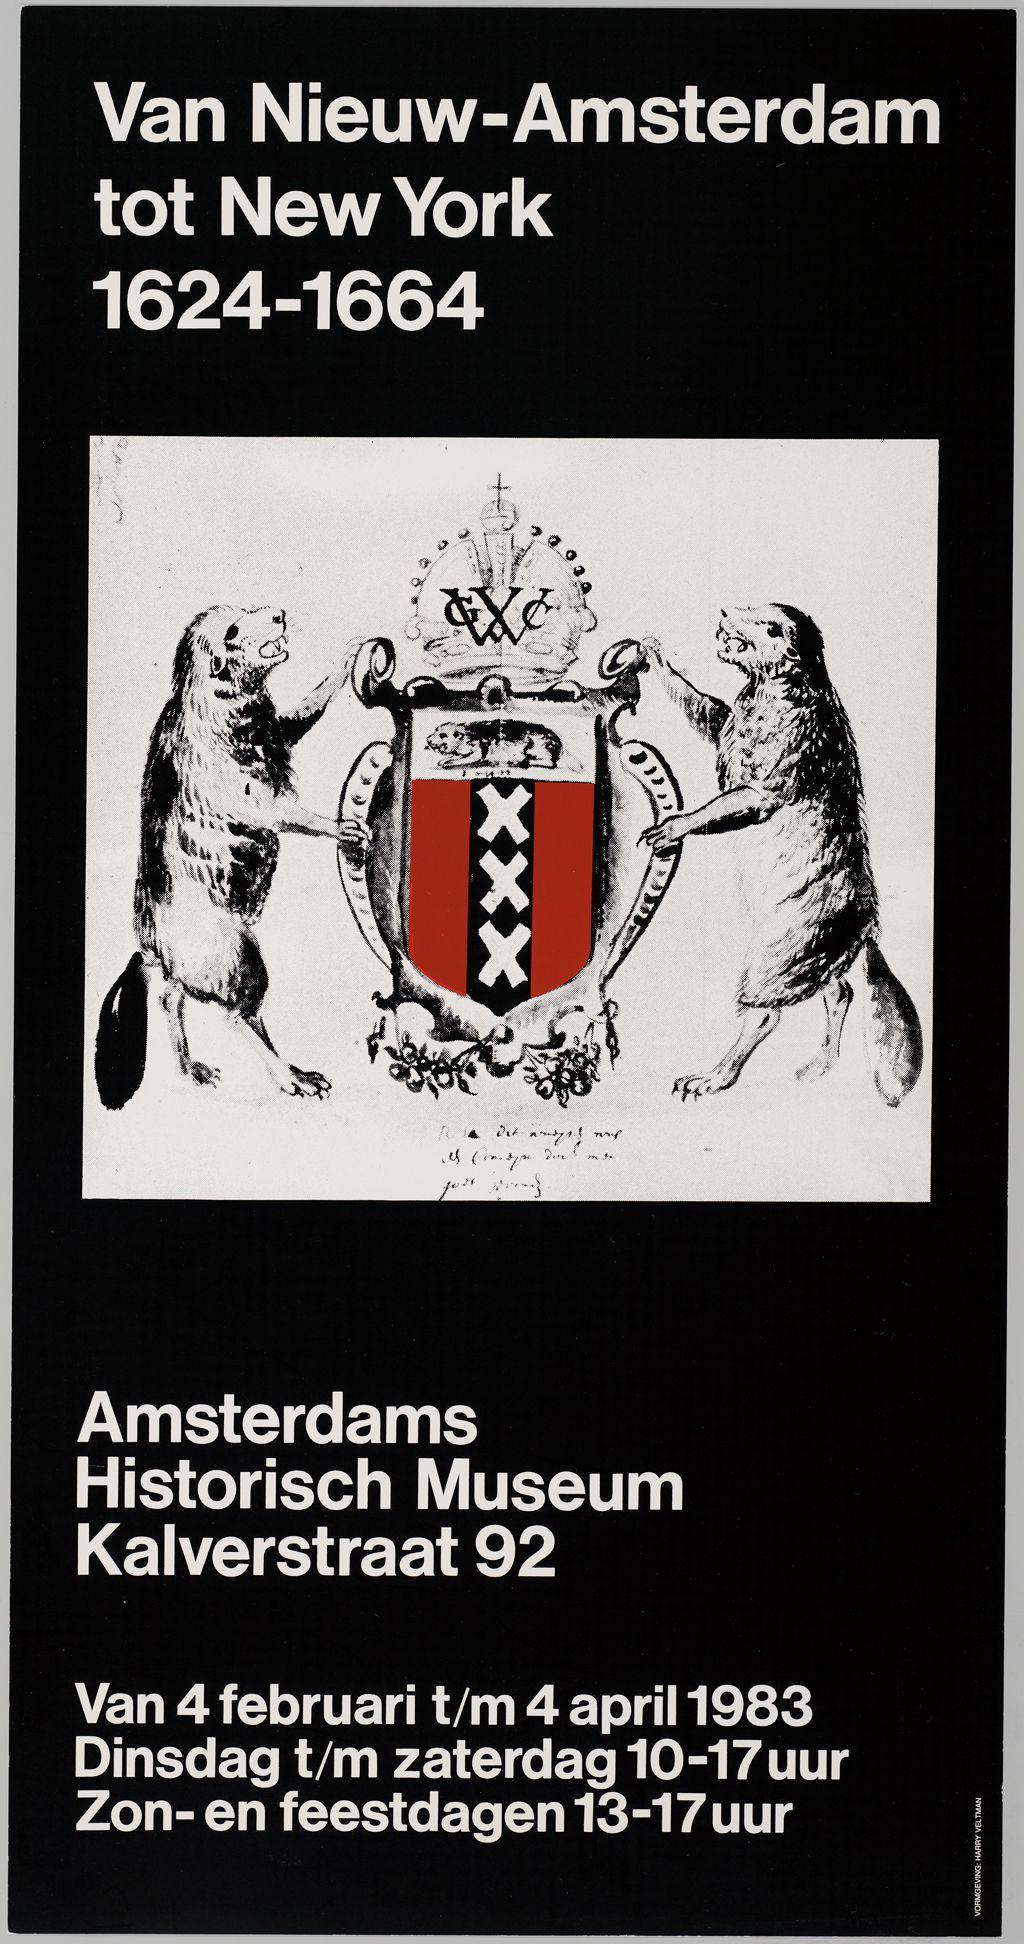 1983, affiche voor tentoonstelling Van Nieuw-Amsterdam tot New York 1624 - 1664